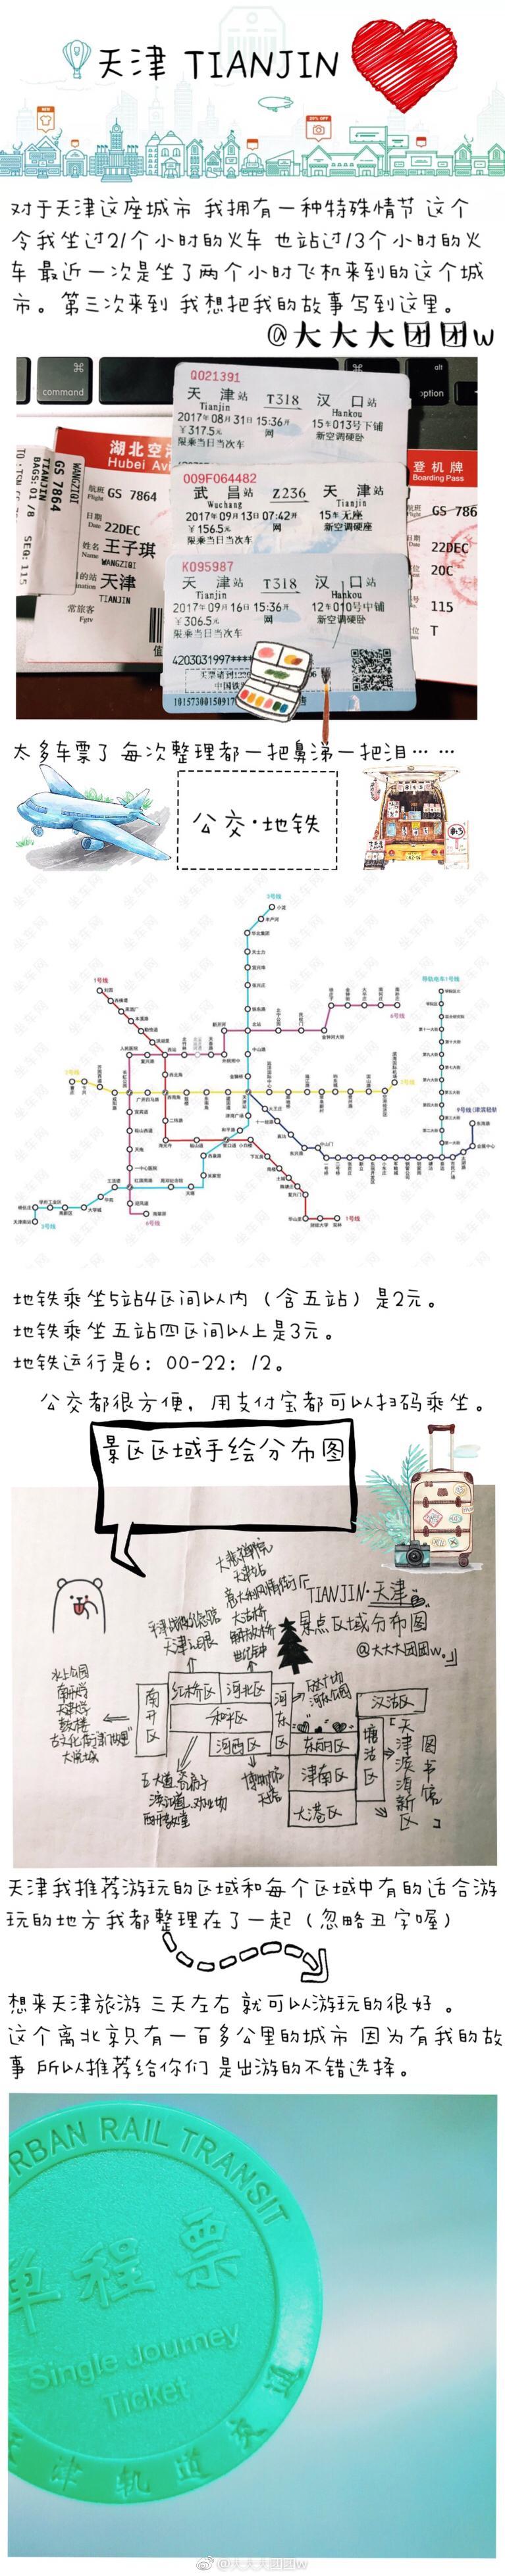 天津旅游攻略,还有自制景点分布图,这篇攻略很充实